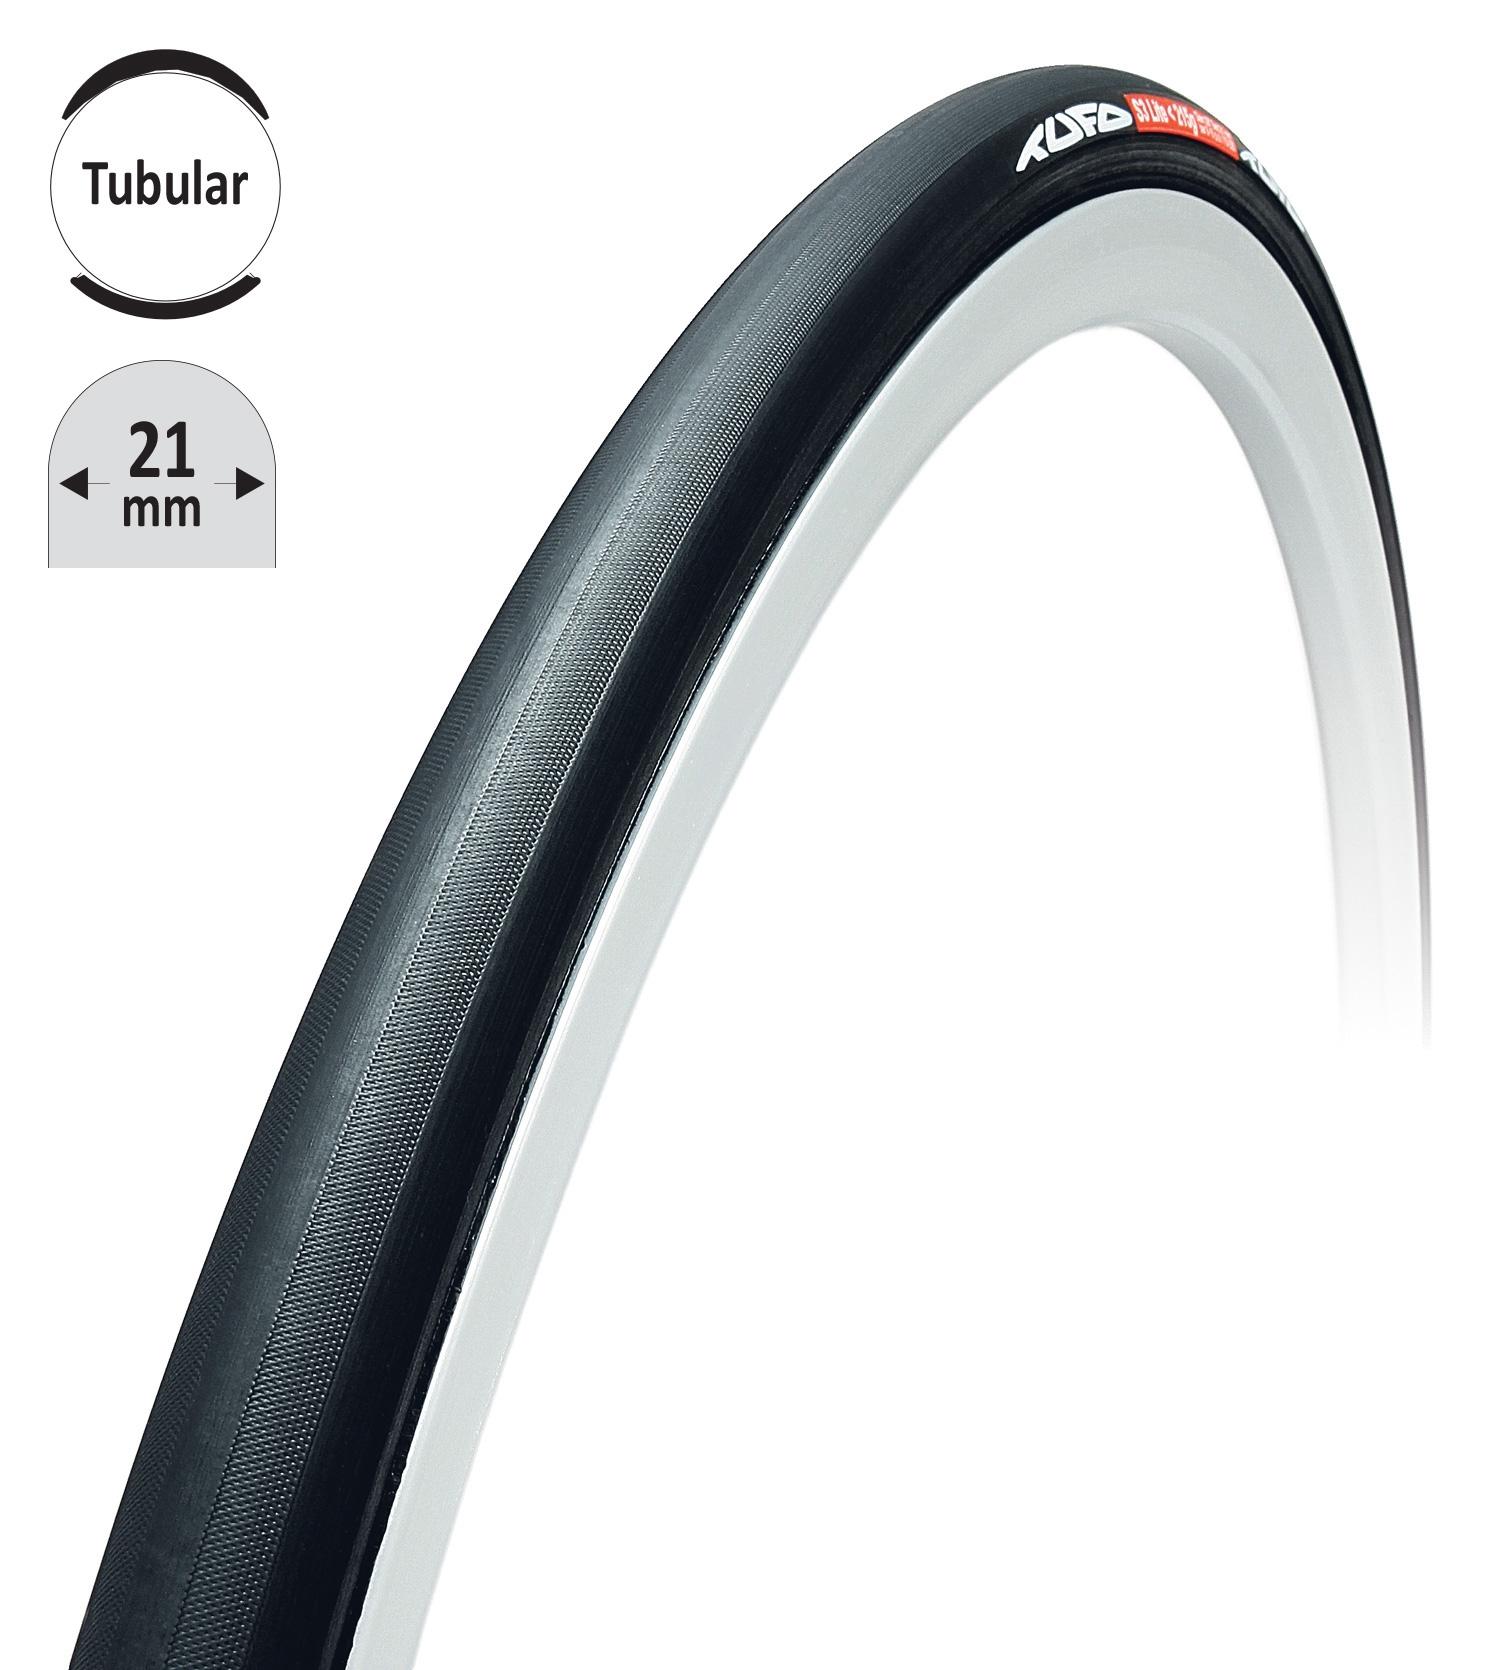 """galuska TUFO S3 LITE 215g černo-černá 28""""/21mm"""